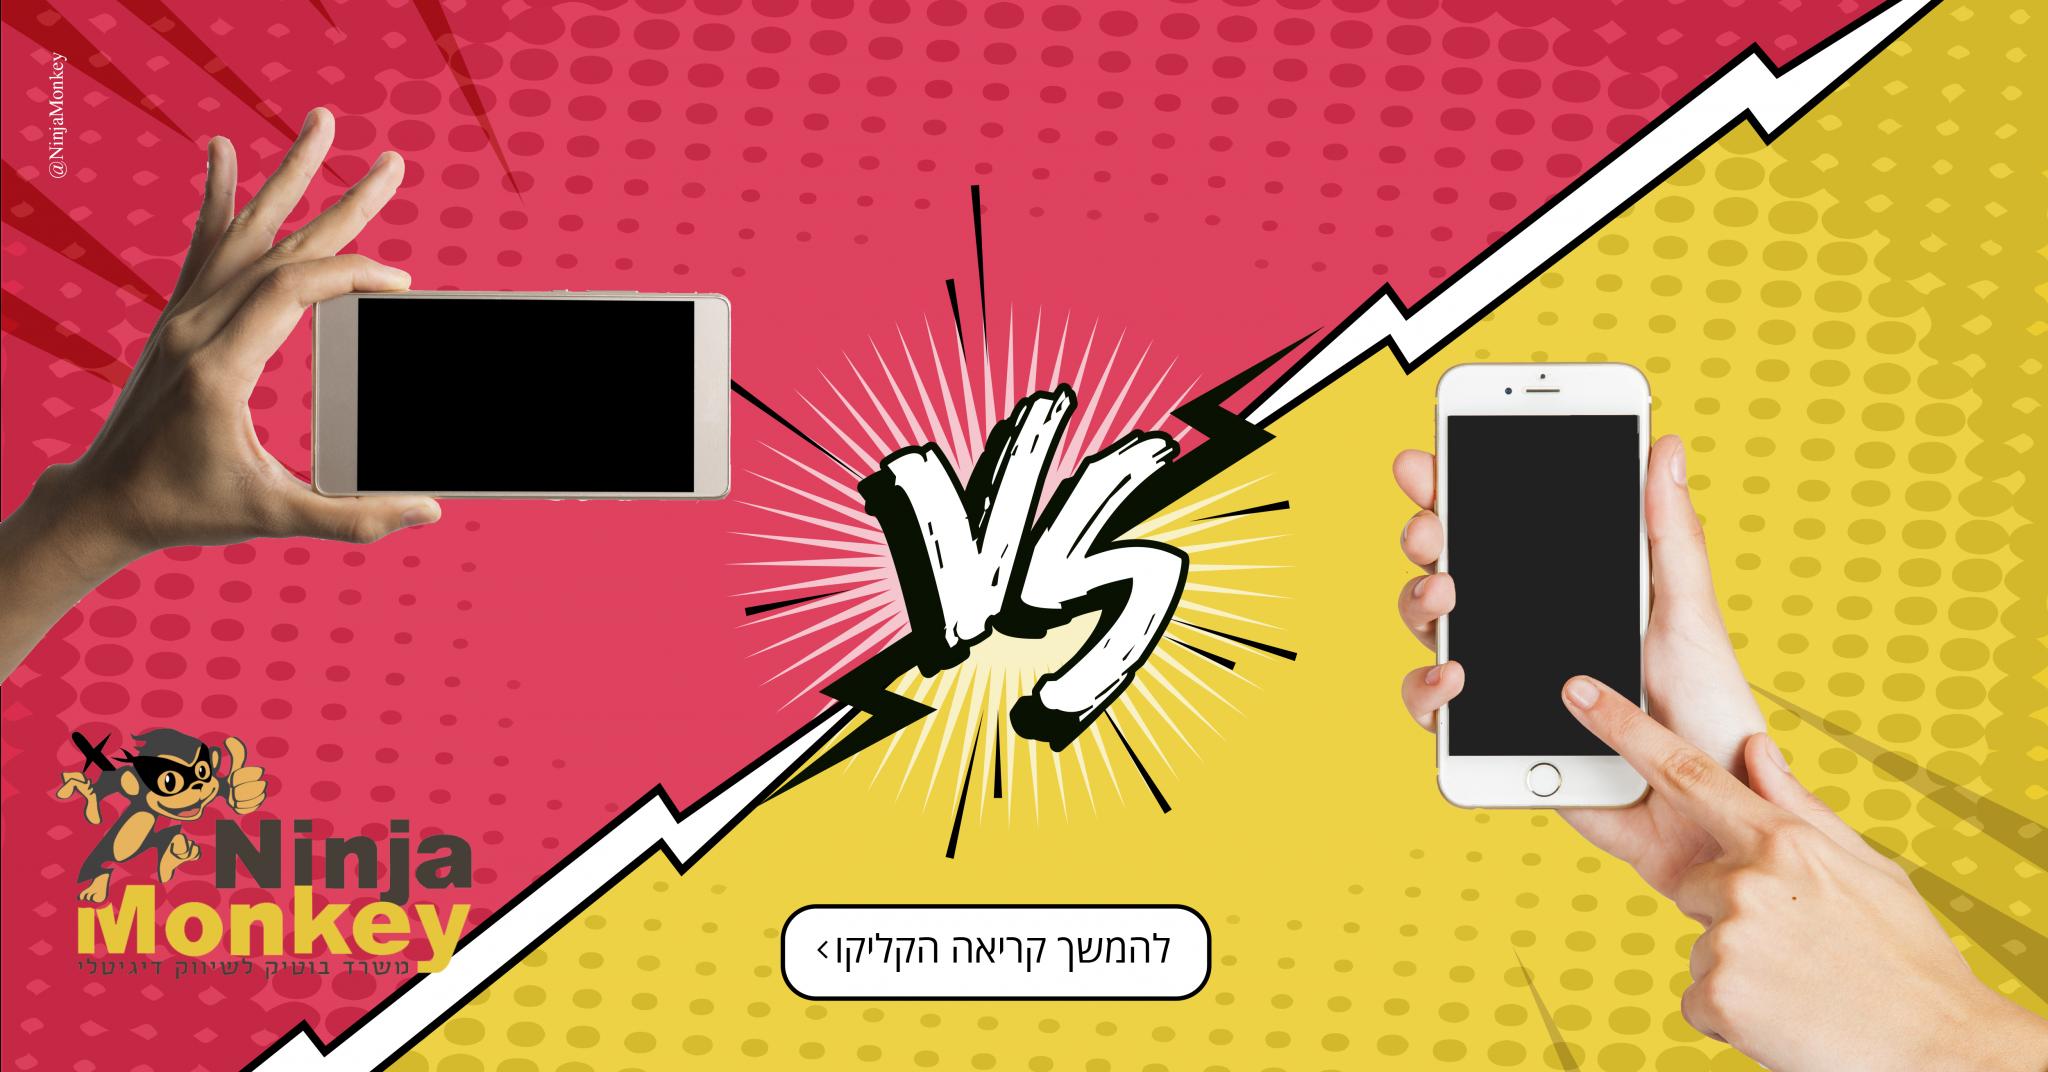 הגיע הזמן להכריע: מה עדיף עבור שיווק דיגיטלי? צילום לאורך או לרוחב?